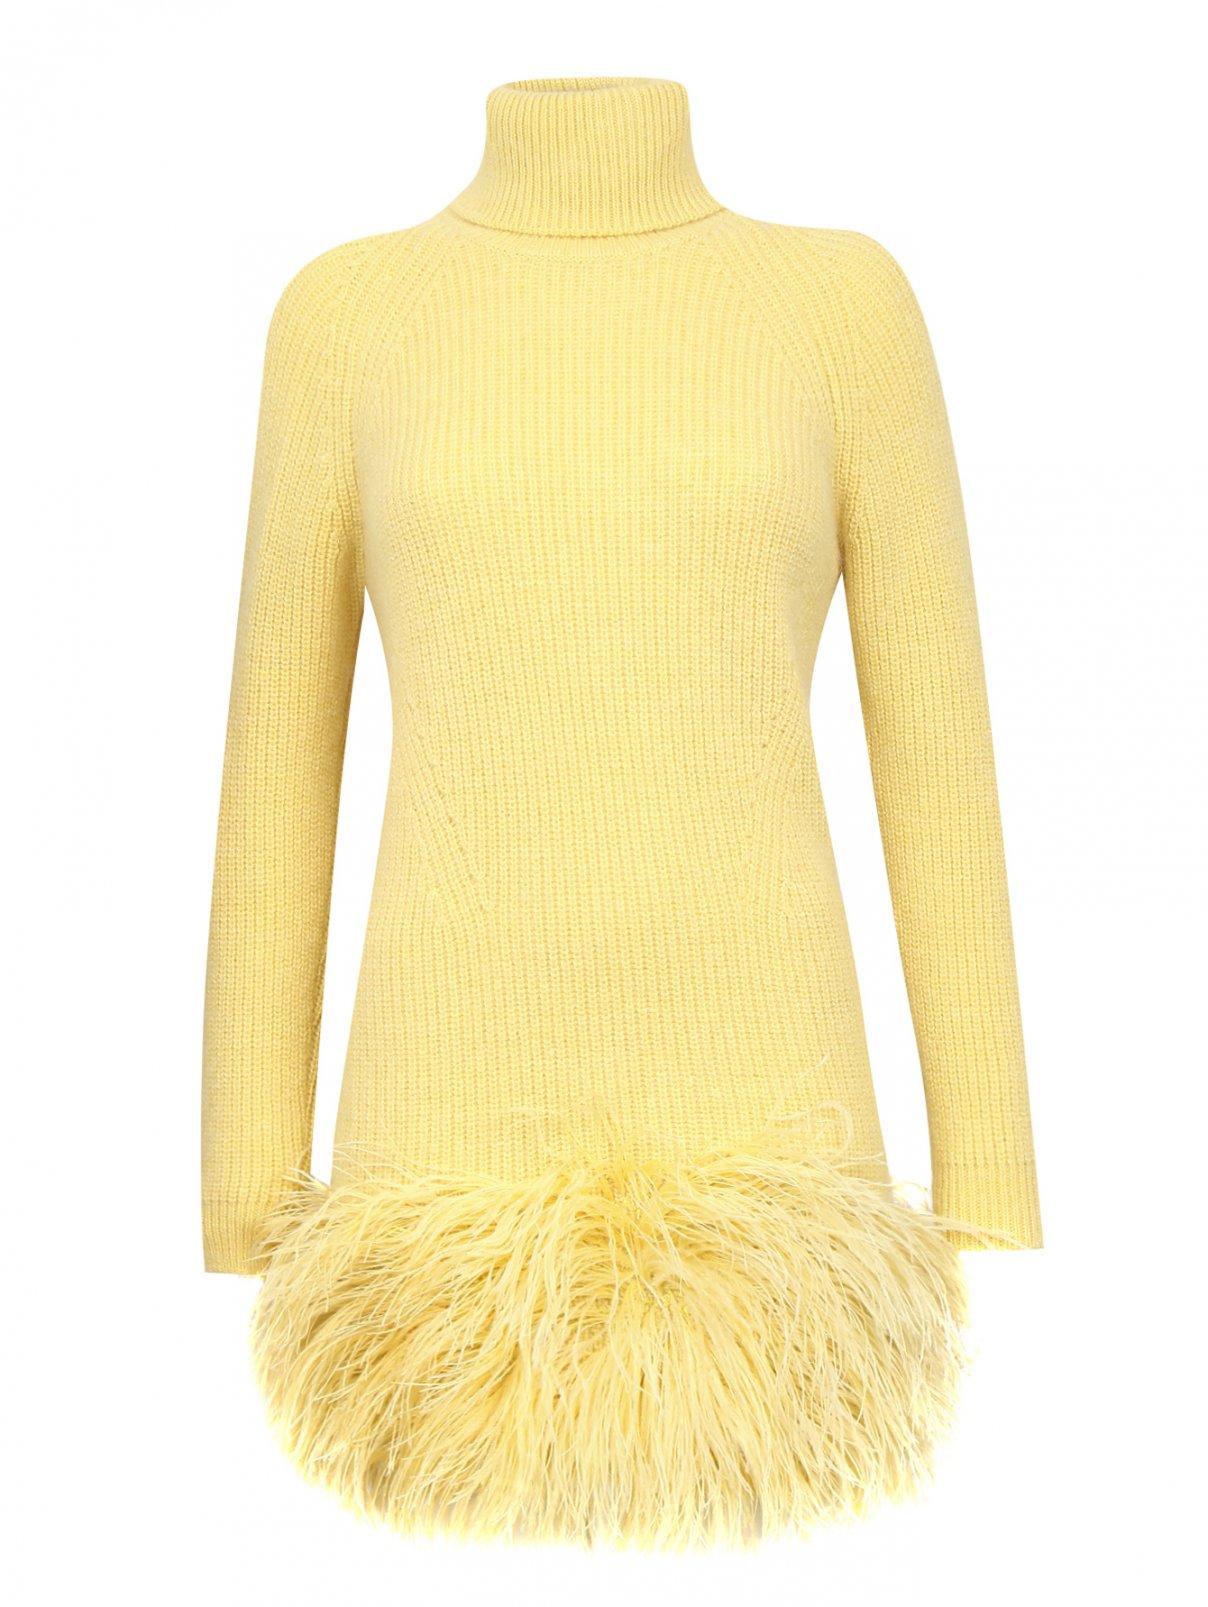 Платье-мини из шерсти декорированное перьями N21  –  Общий вид